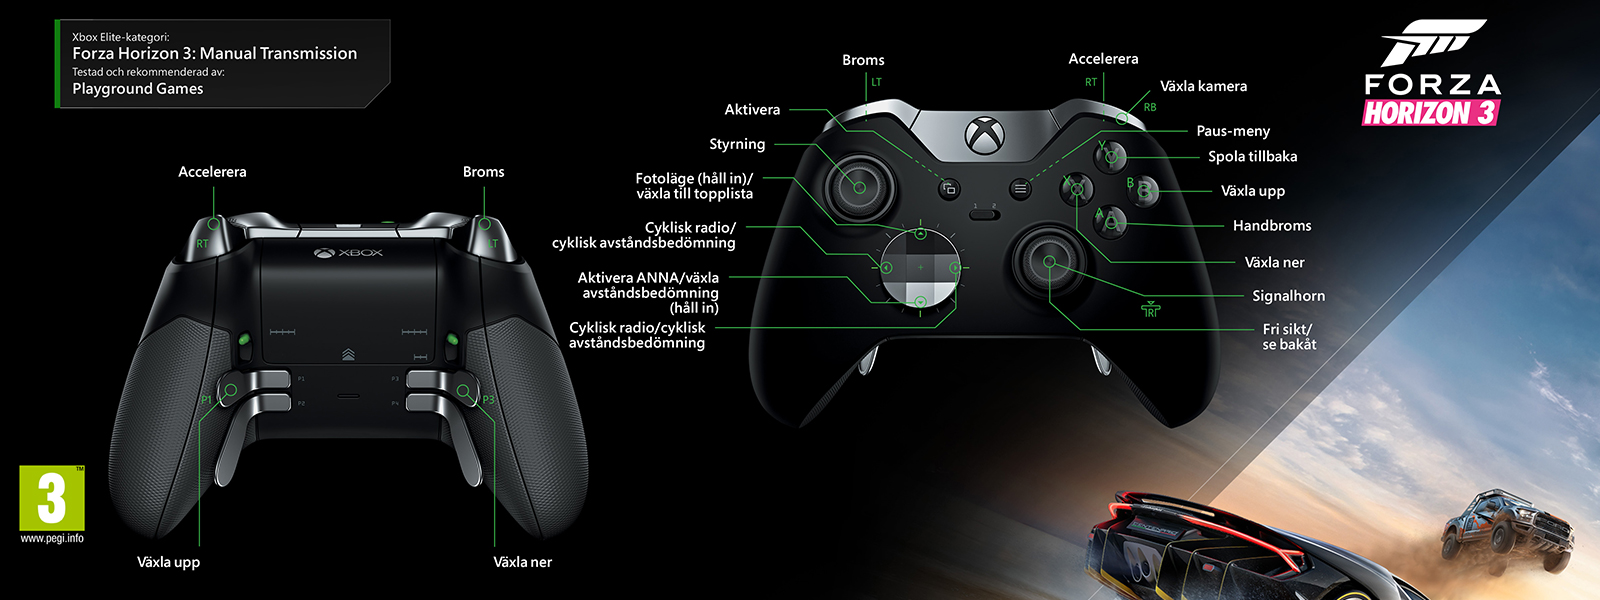 Forza Horizon 3 – Elite-mappning för manuell växellåda